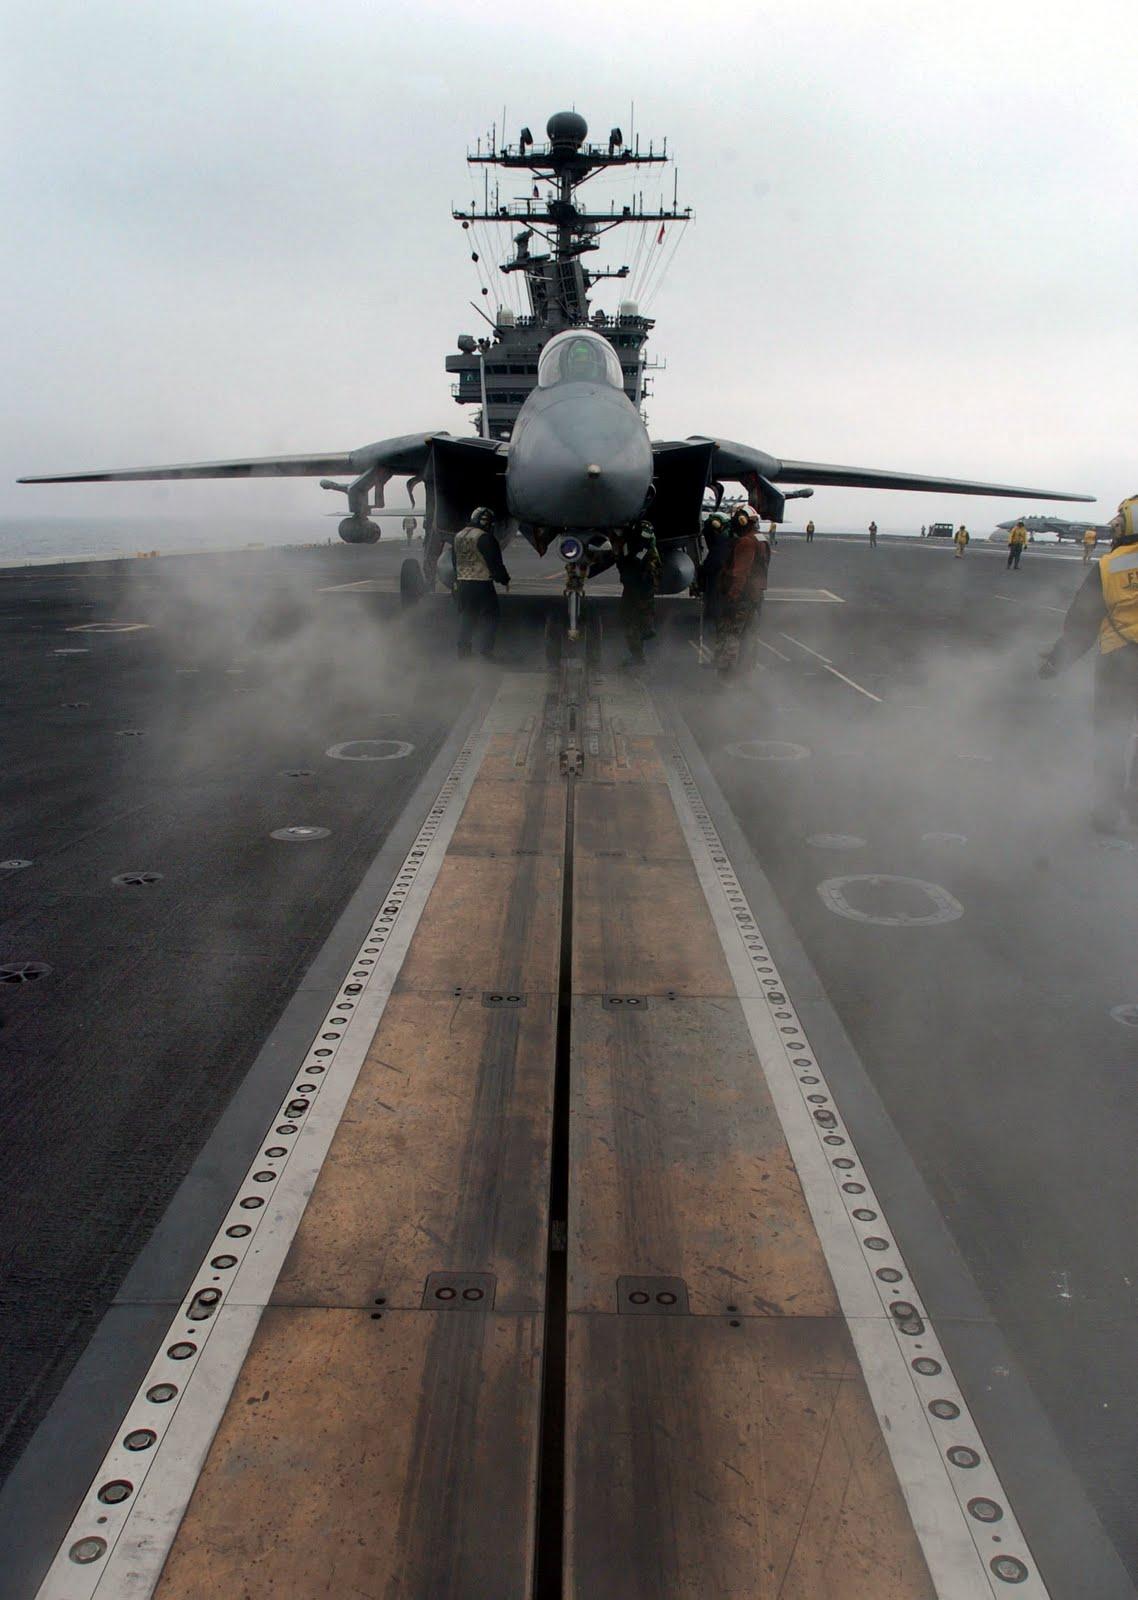 F-14 Tomcat - Page 2 F-14D-Tomcat-on-USS-John-C.-Stennis